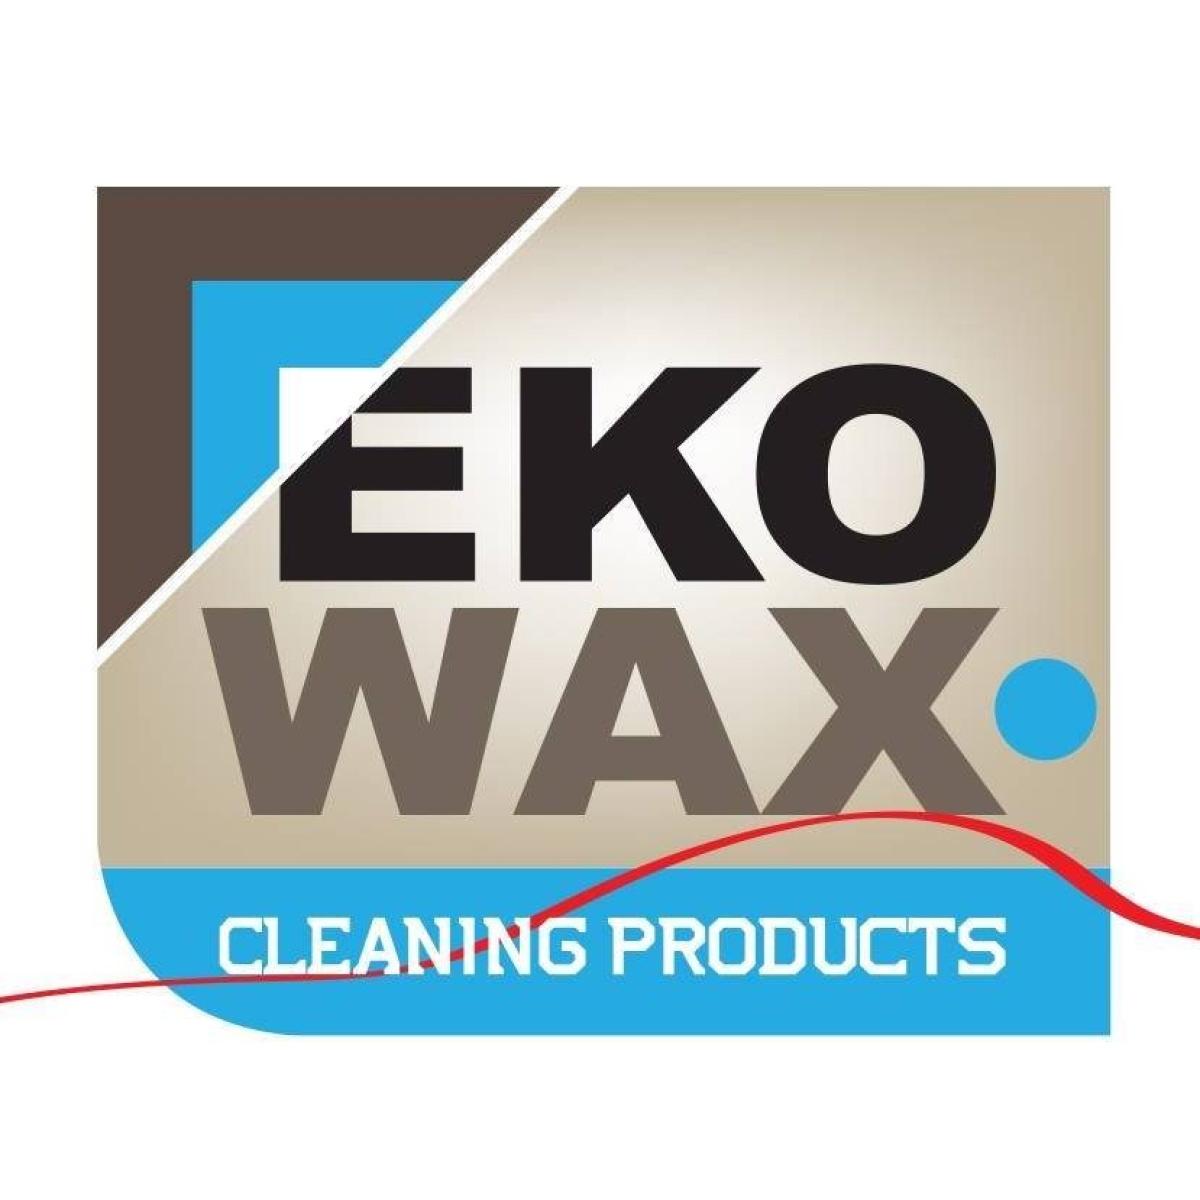 EkoWax-2021-06-28 06:48:21